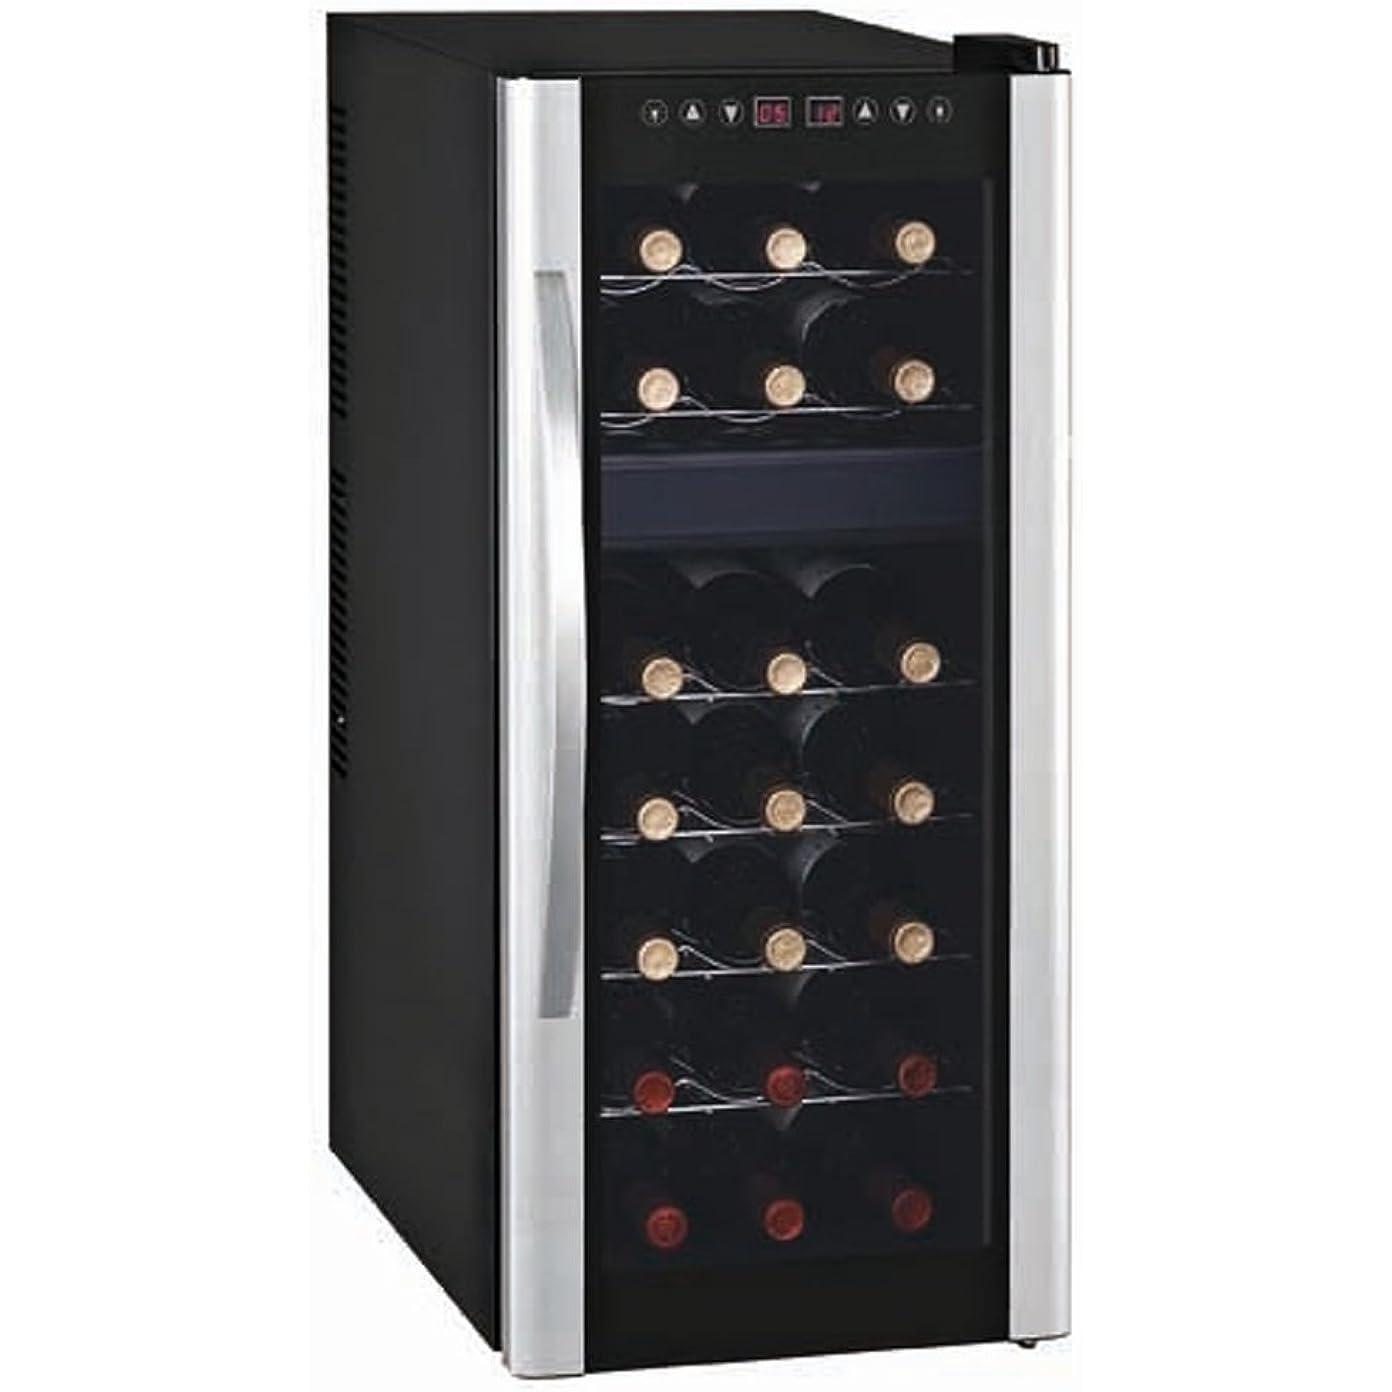 Weinkühlschrank Test » Die besten Modelle für 2018 im Vergleich